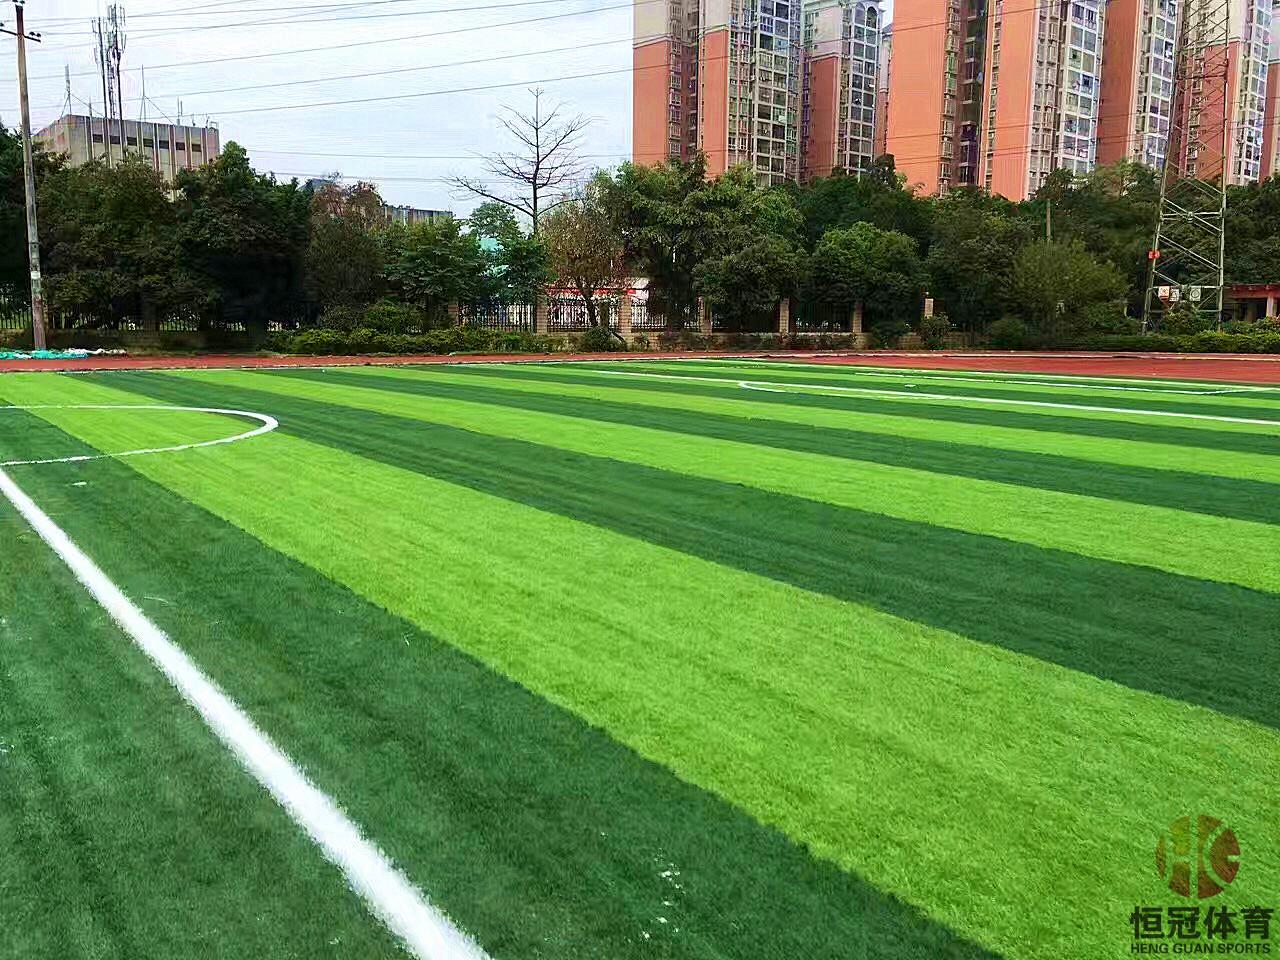 柳州人造草坪足球场建设